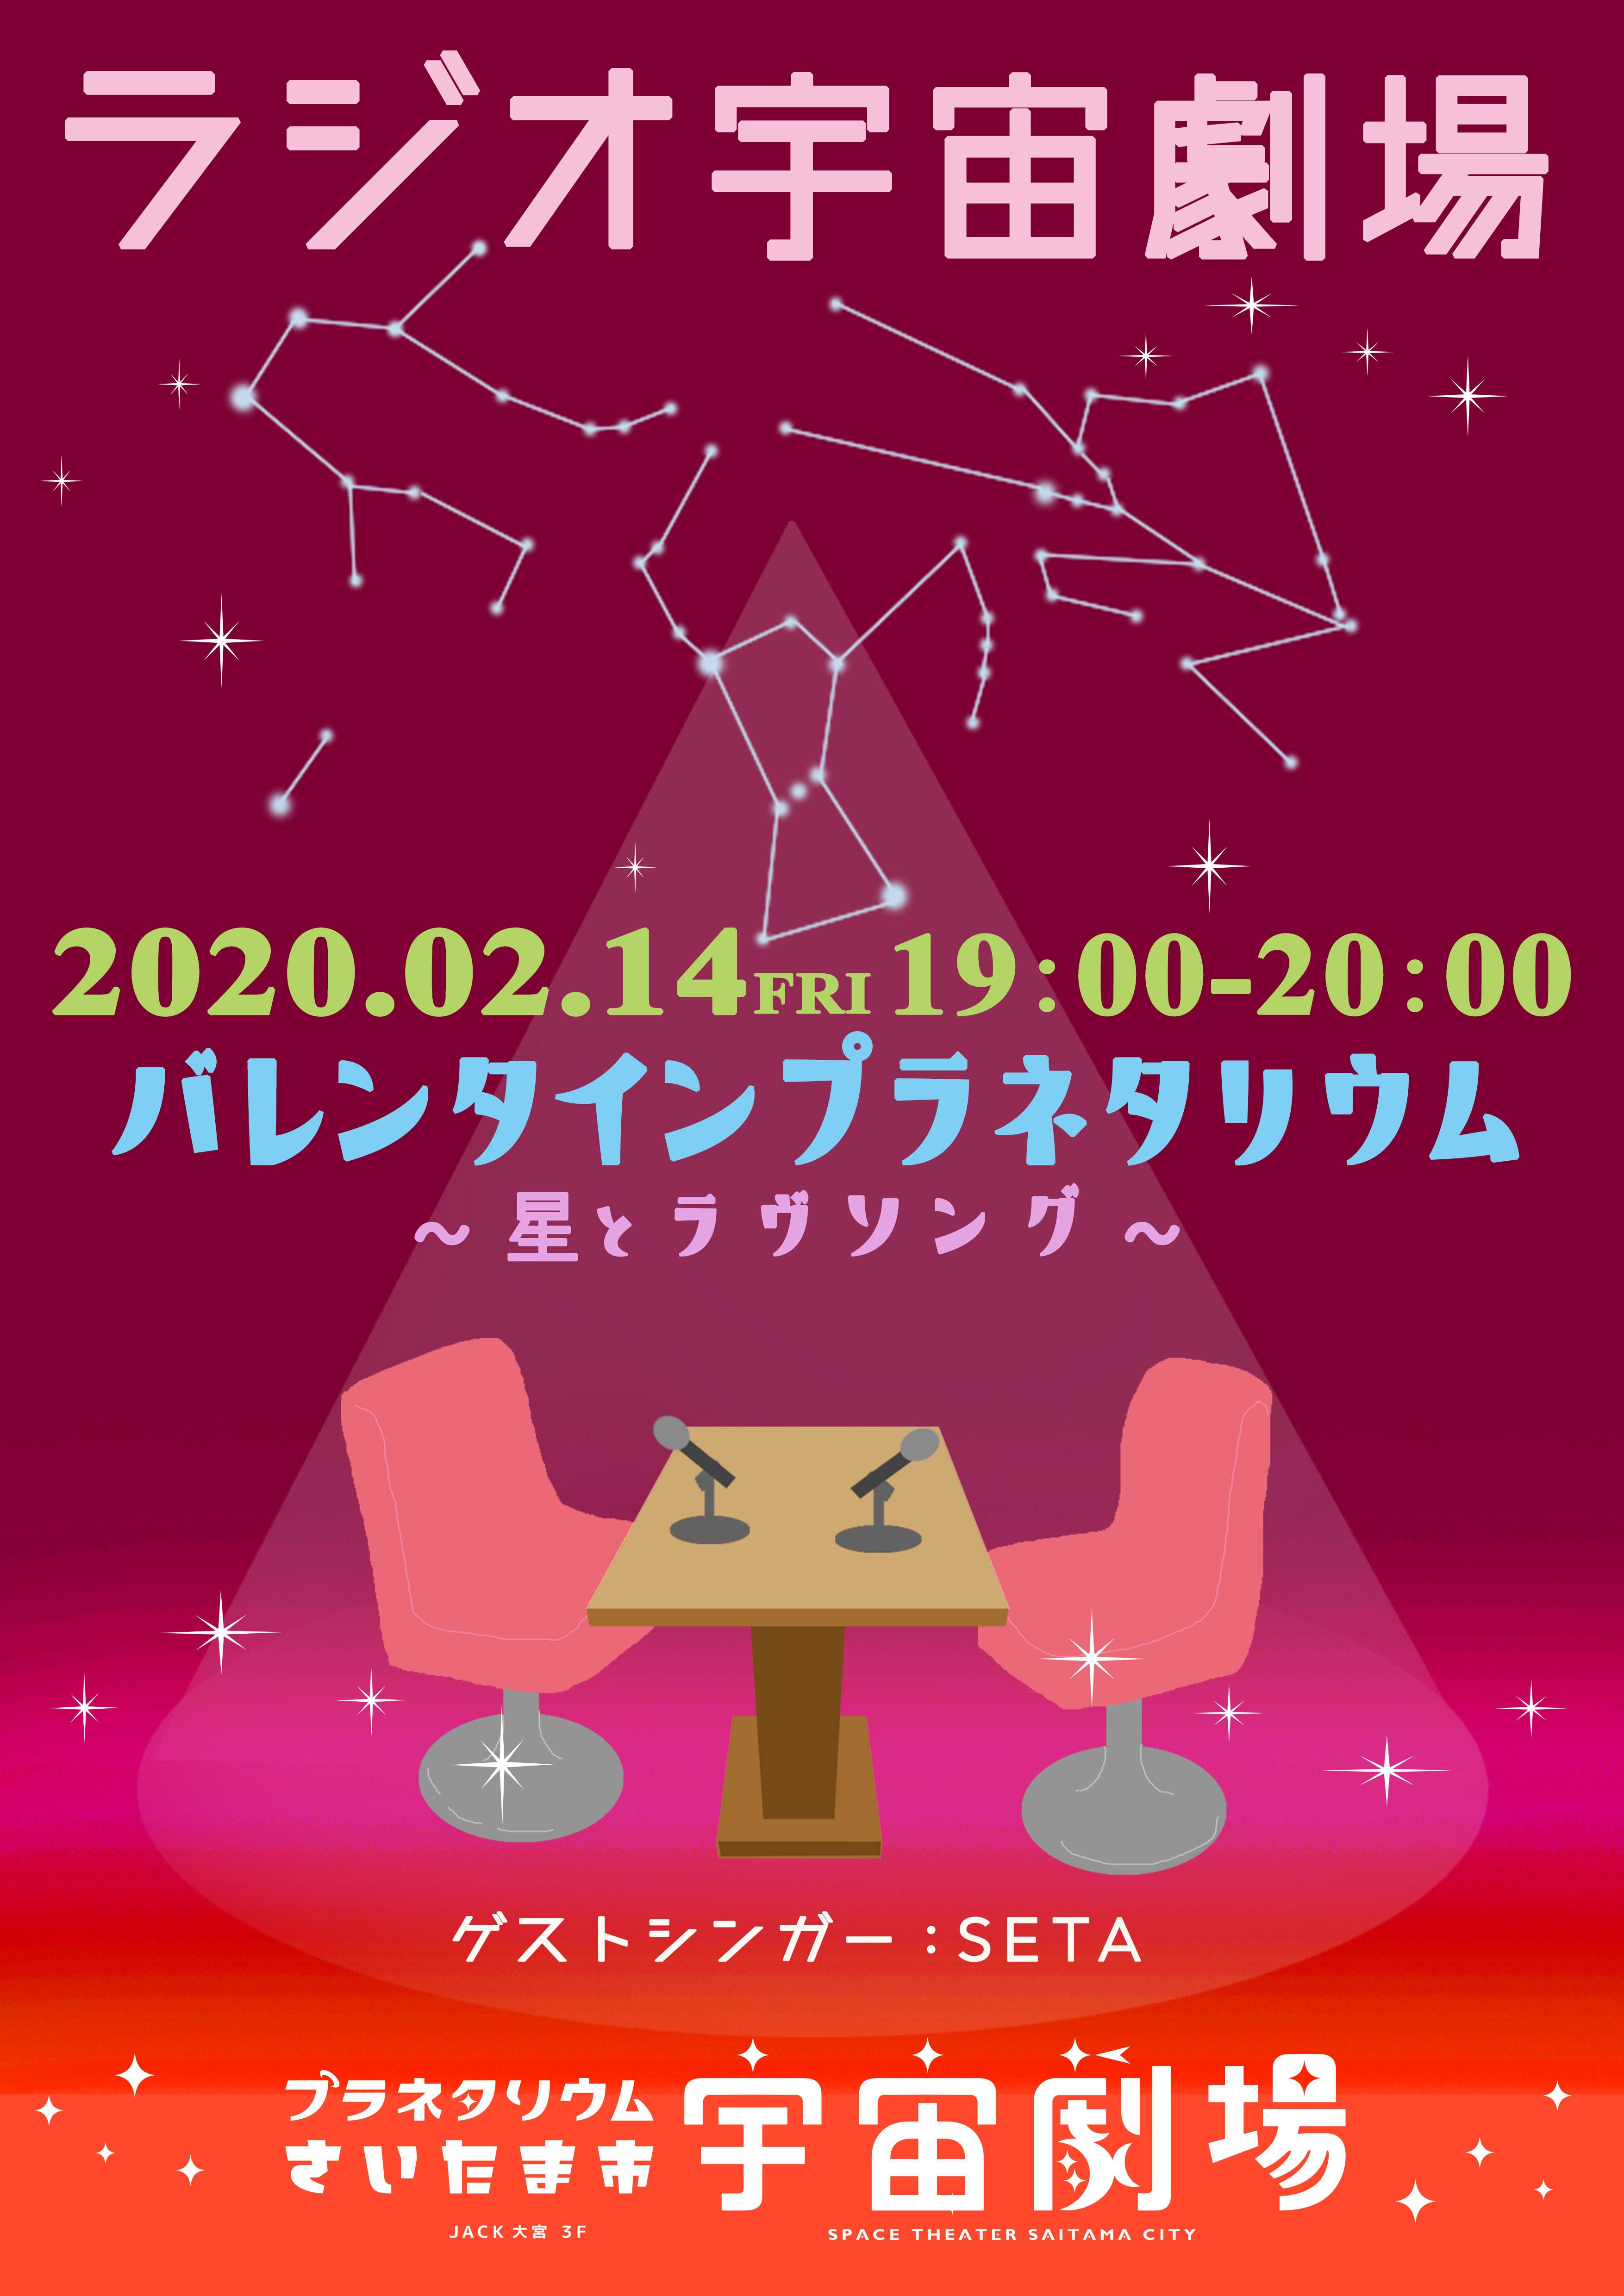 ラジオ宇宙劇場 バレンタインプラネタリウム~星とラヴソング~